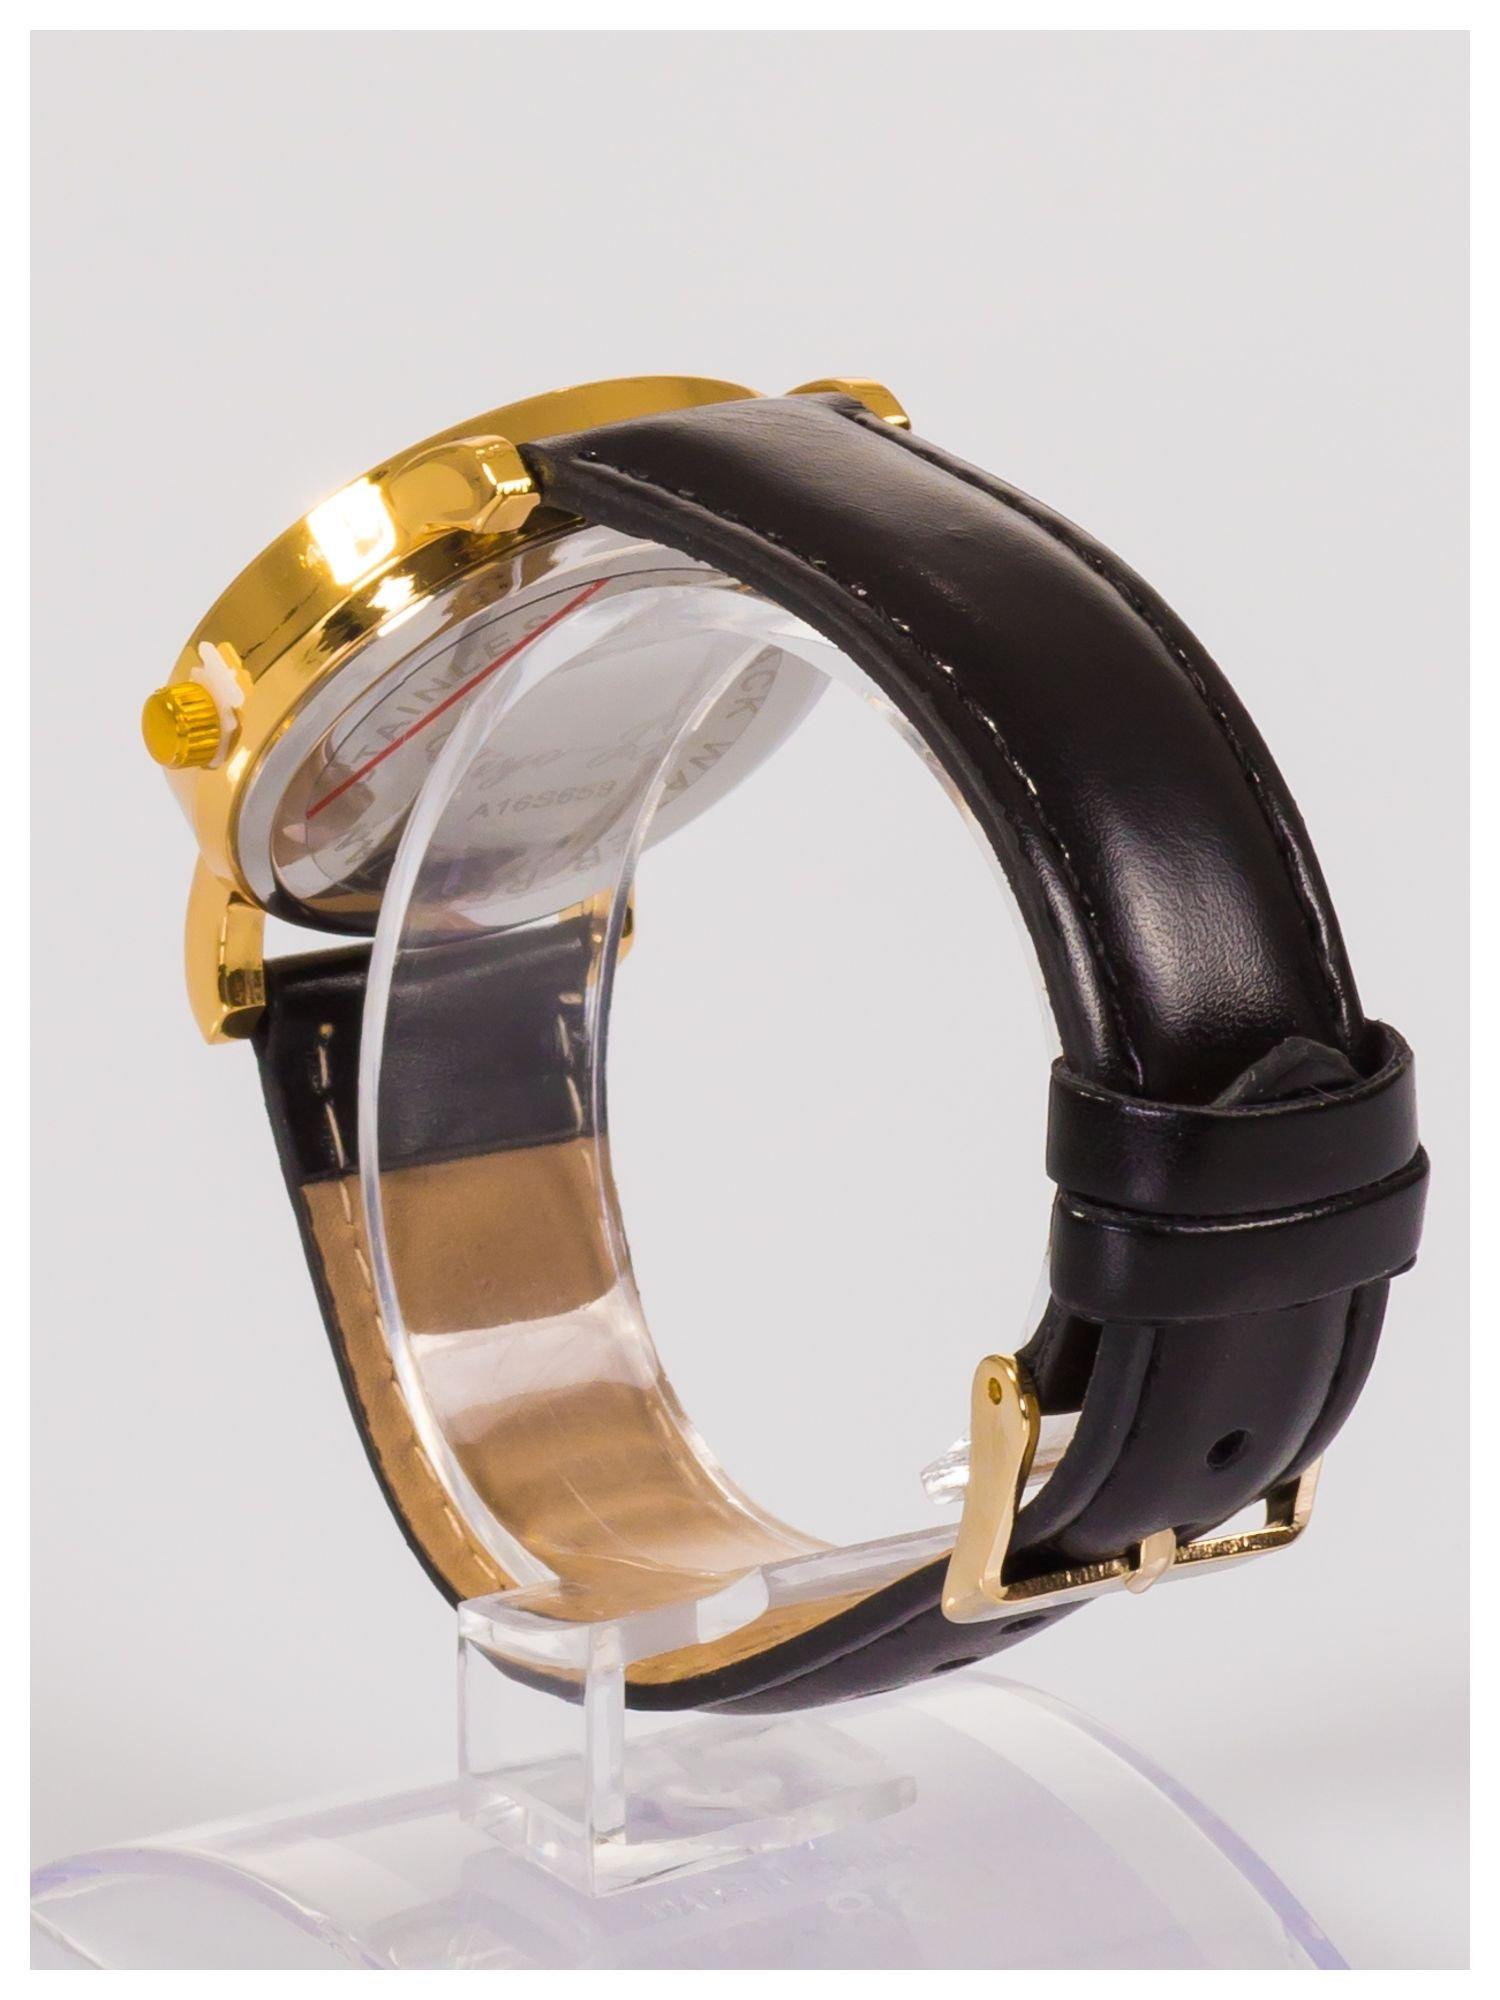 Damski zegarek z cyrkoniami z motywem wieży Eiffla na tarczy                                  zdj.                                  4